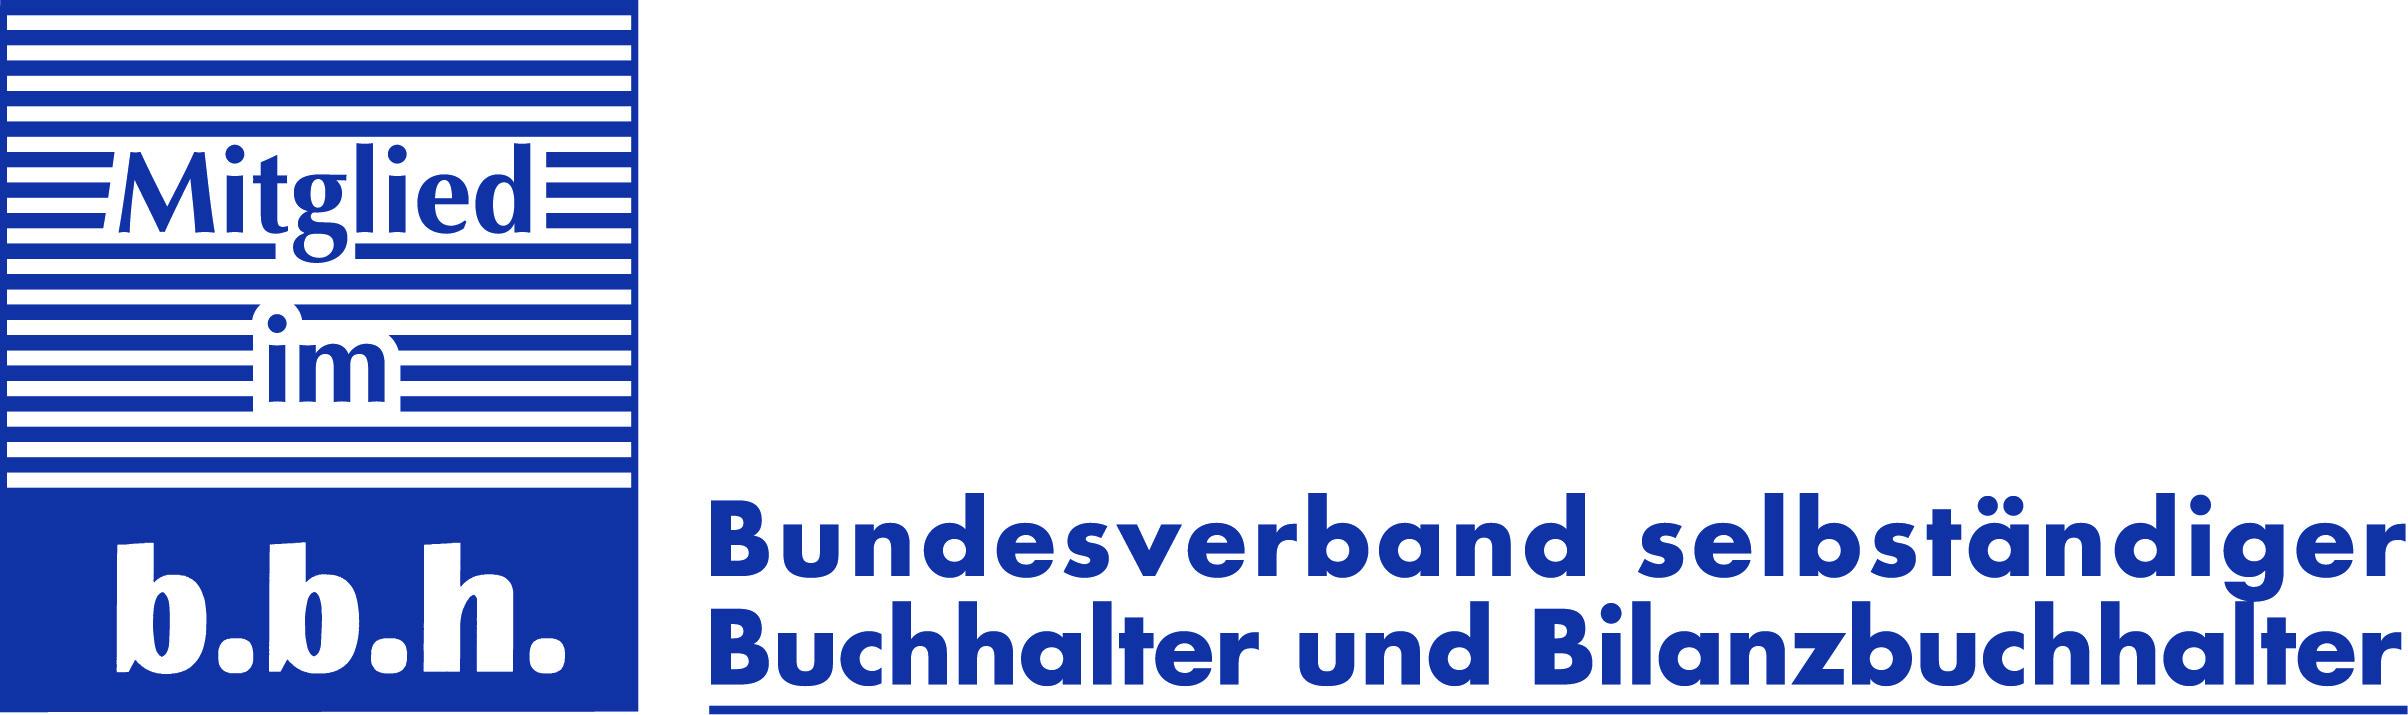 Mitglied im b.b.h. - AixLOHN Buchhaltungsservice